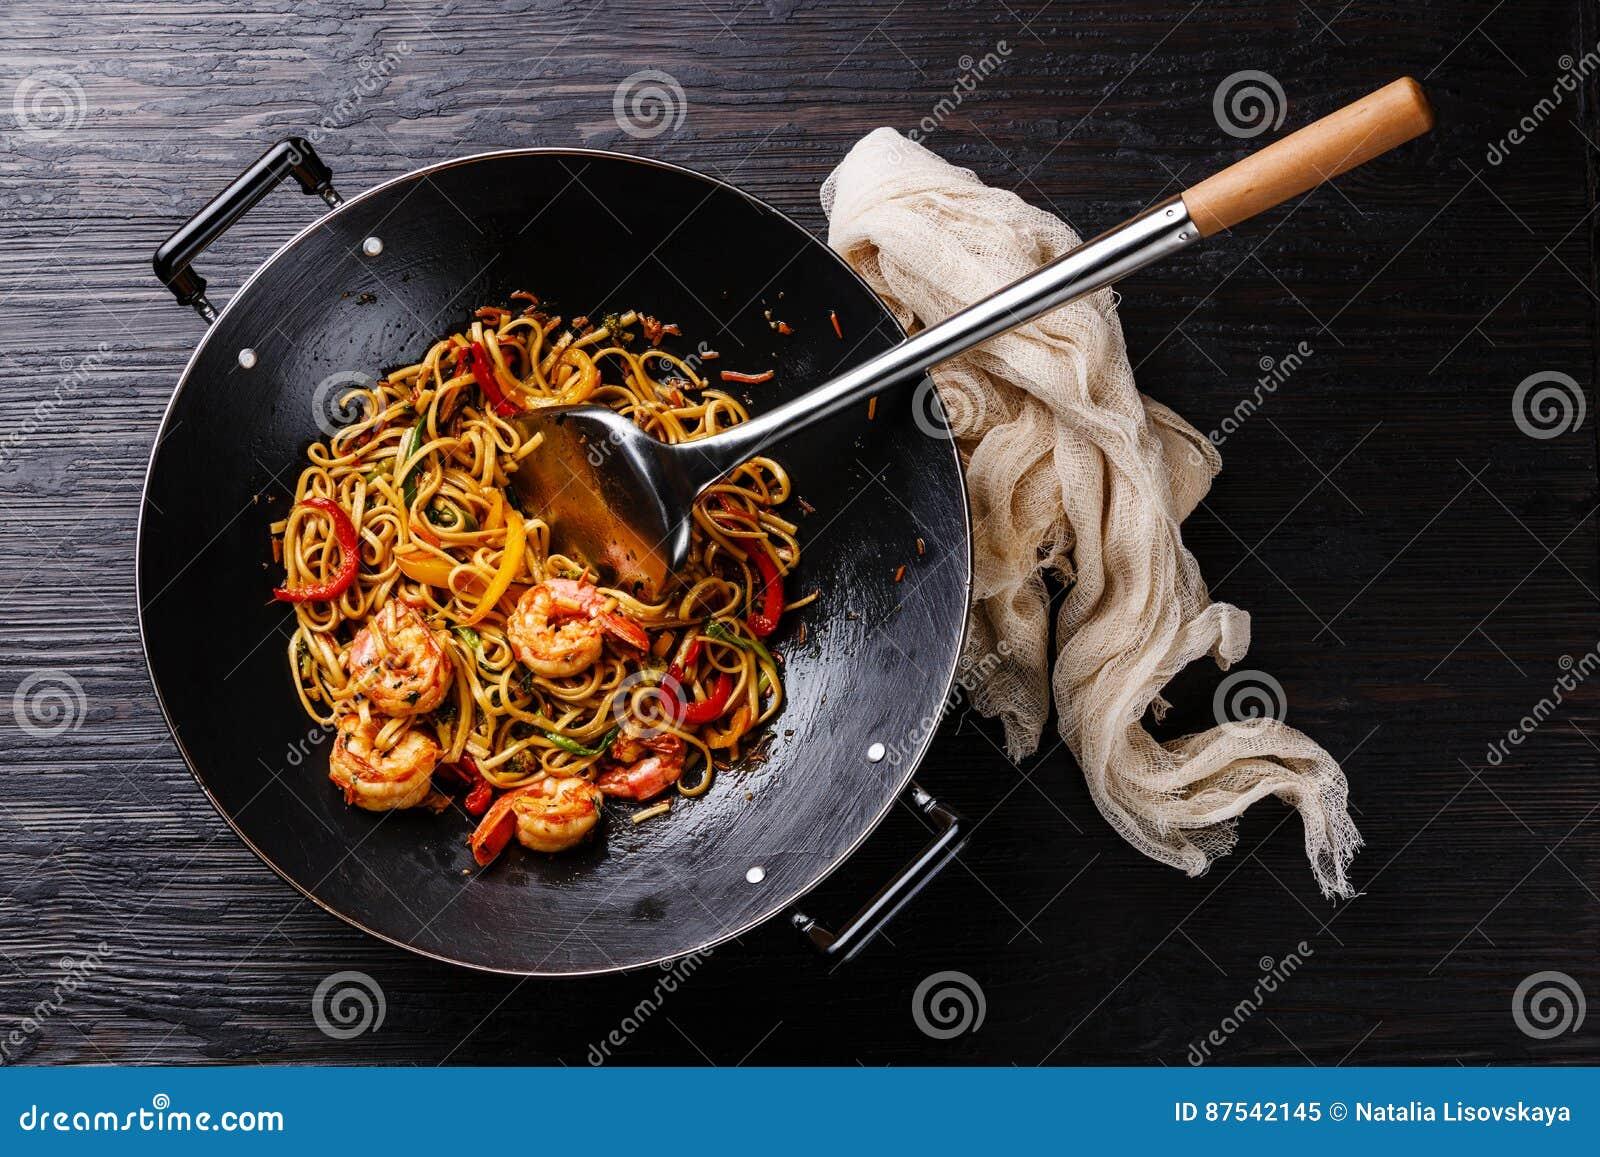 Udon stir fry noodles with prawn shrimp and vegetables in wok